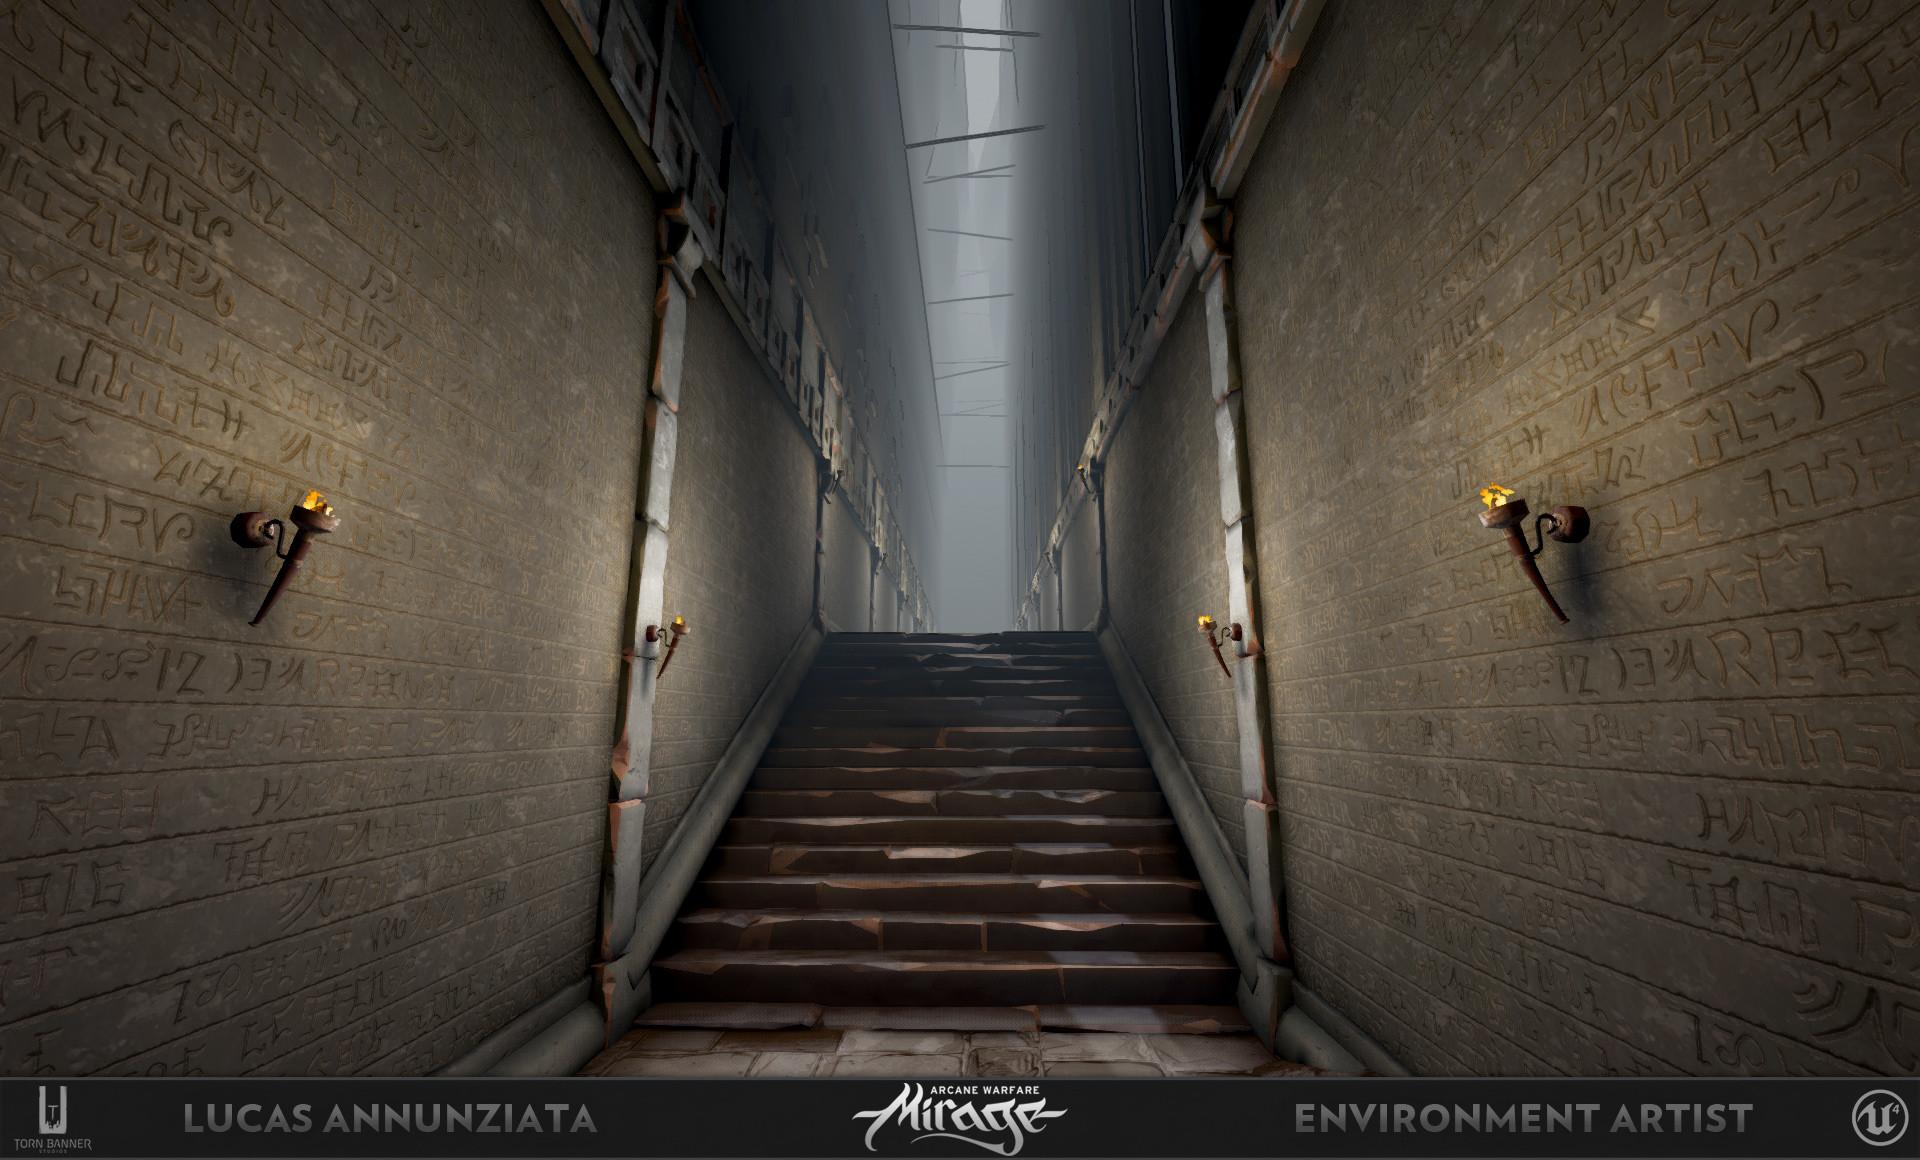 Lucas annunziata tunnel 01